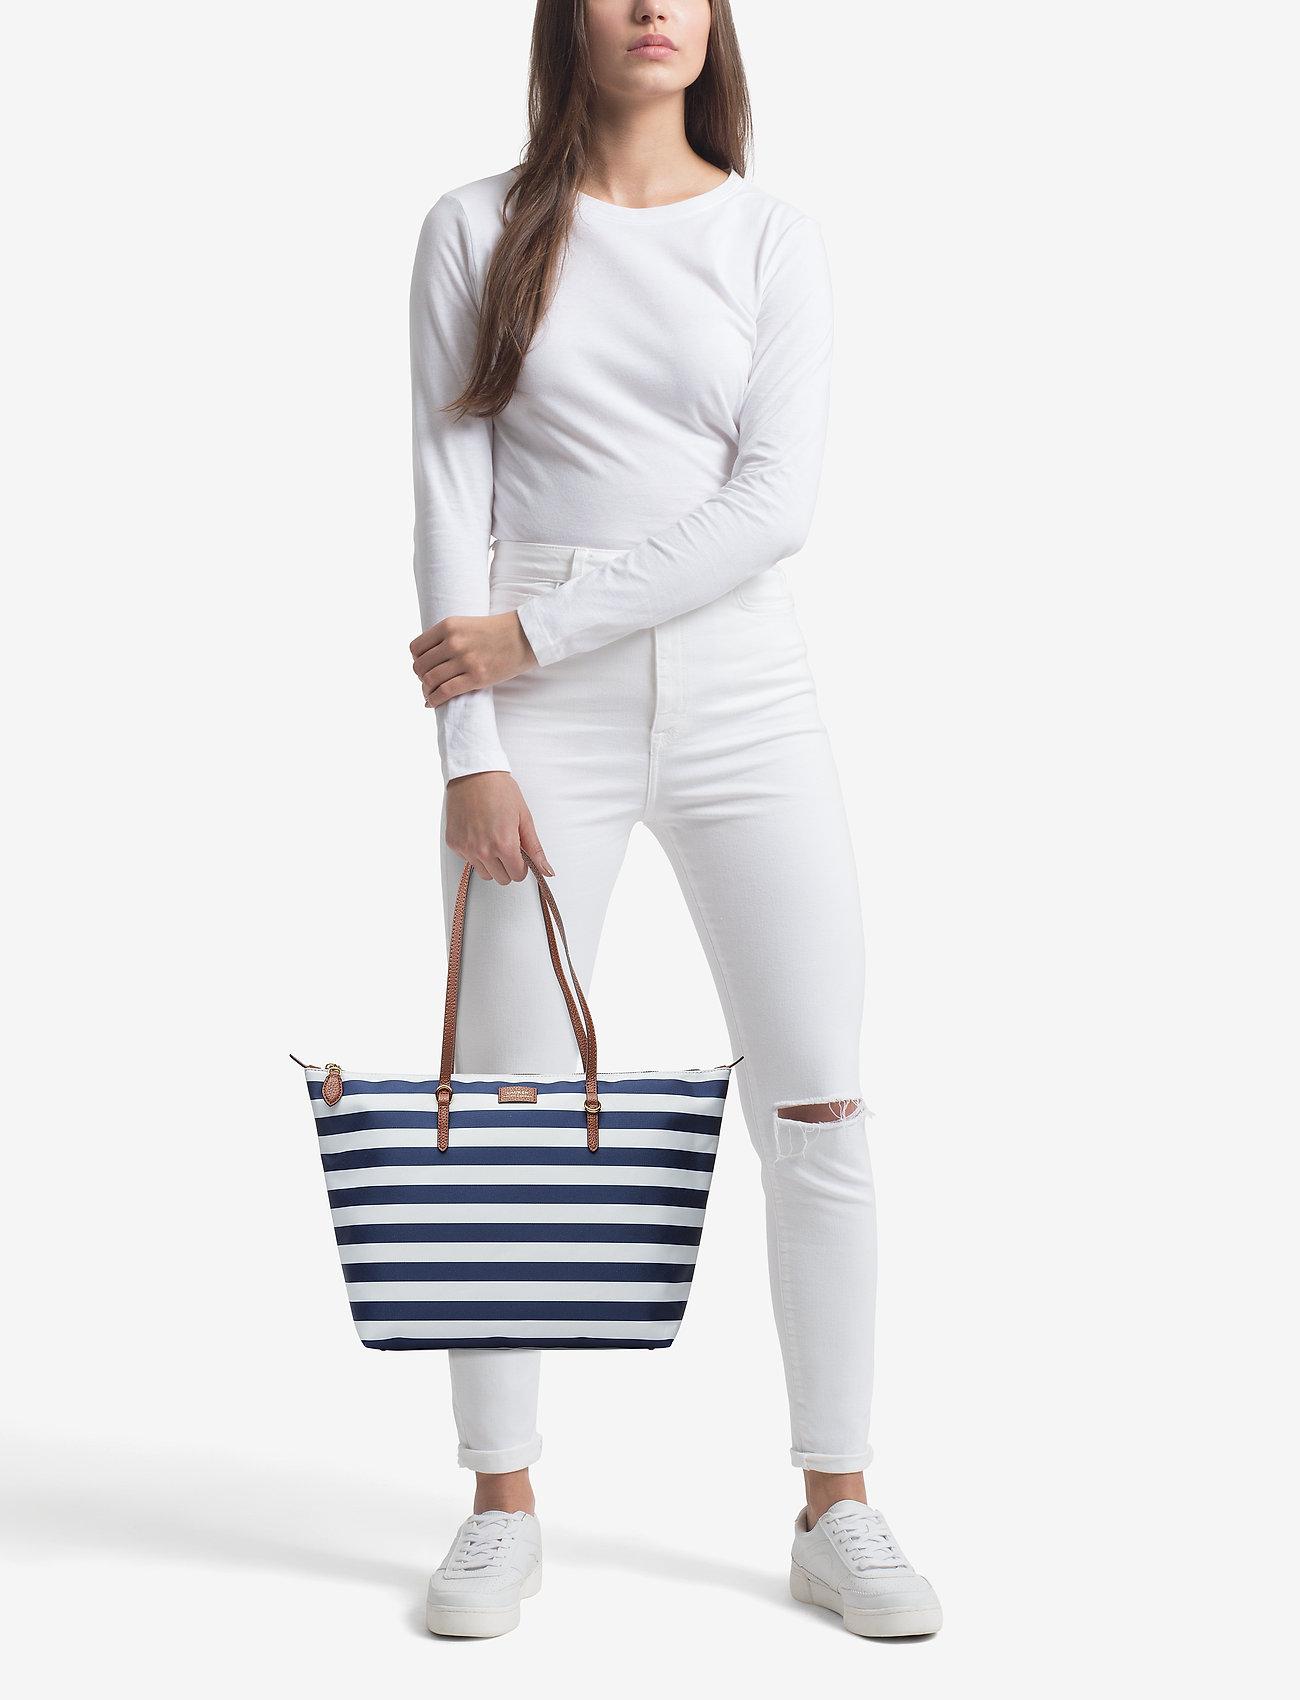 0aad359156 Nylon Tote (Navy Stripe) (£87.75) - Lauren Ralph Lauren - | Boozt.com